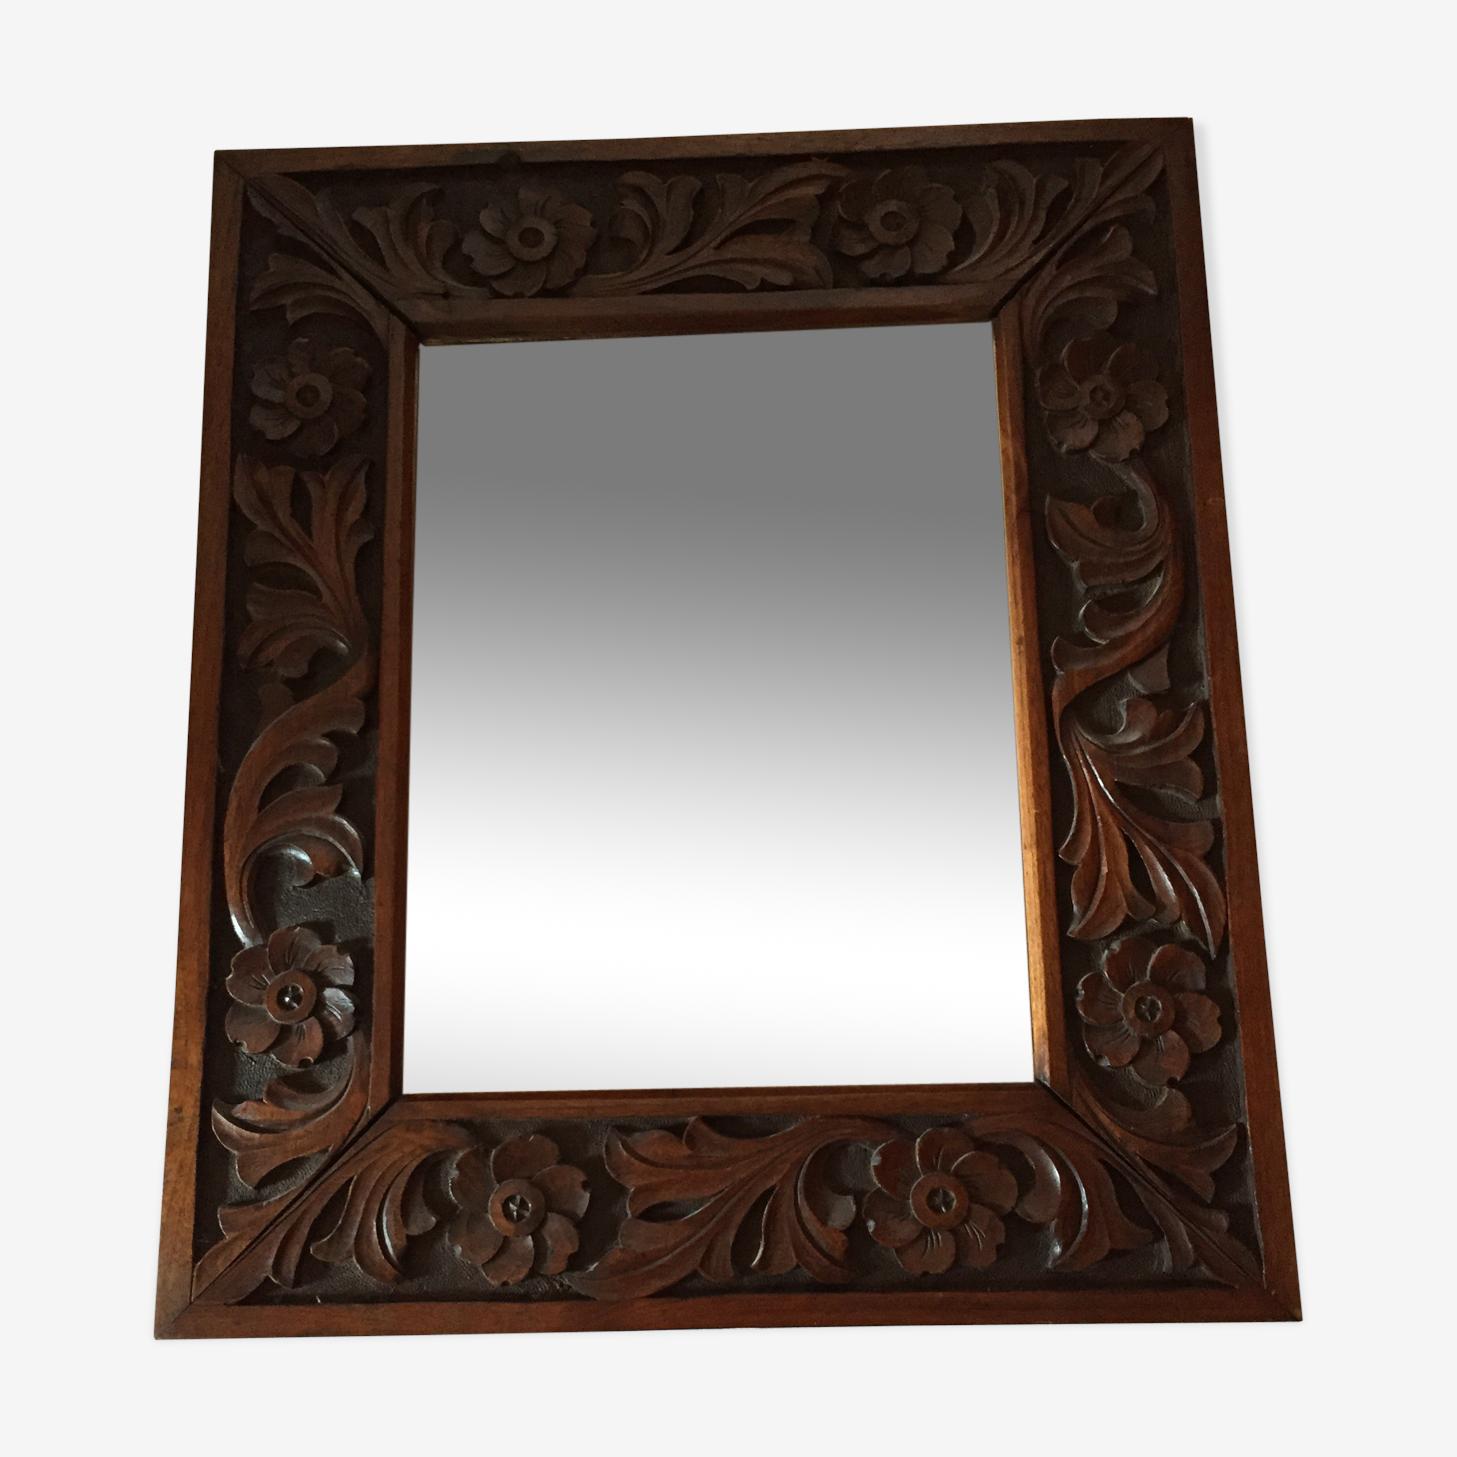 Miroir en bois sculpté  62x52 cm